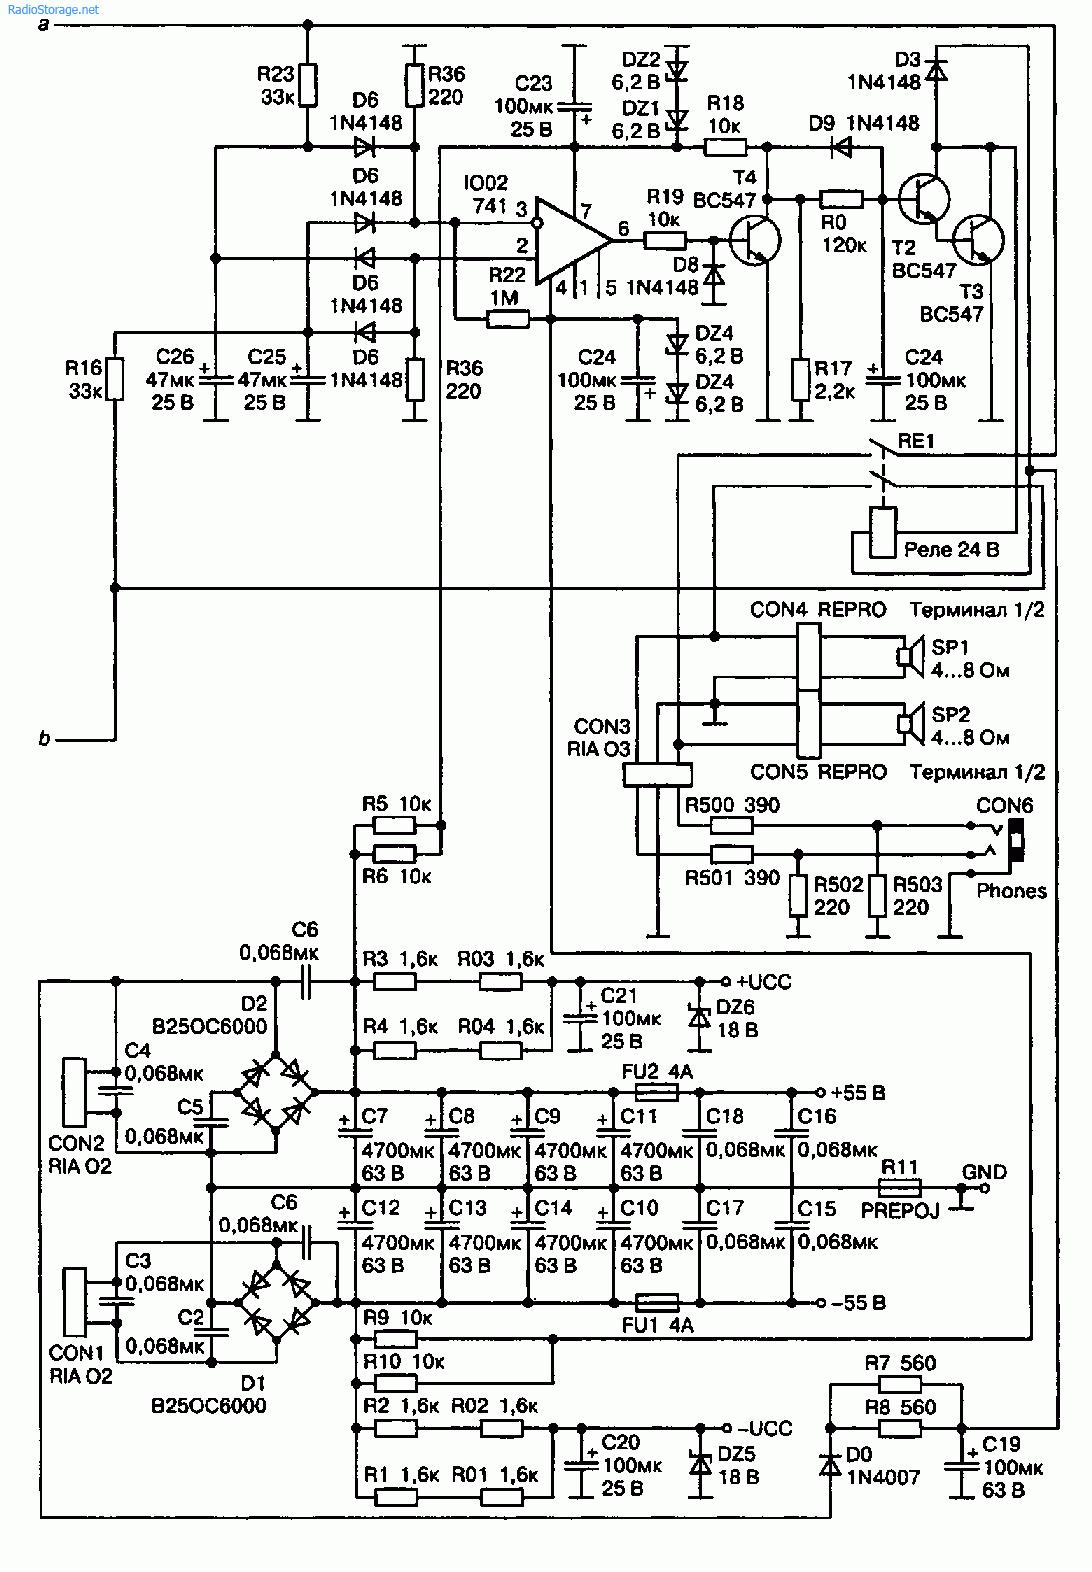 УМЗЧ Антона Космела выполнен на ИМС STK4048 XI фирмы Sanyo и вообще не требует подстроек (рис. 2.32).